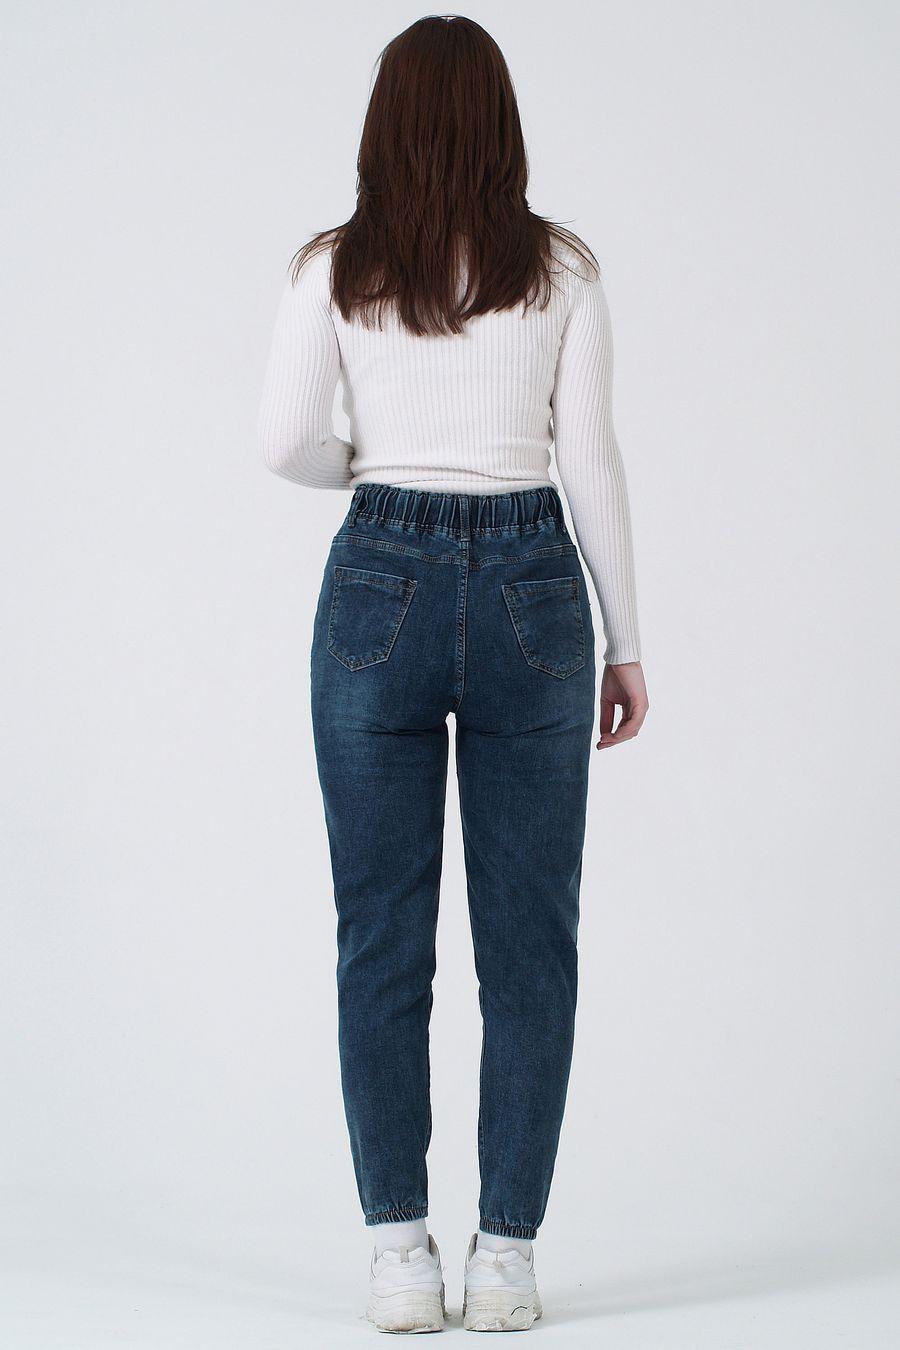 Джинсы женские K.Y Jeans 171 утепленные - фото 2